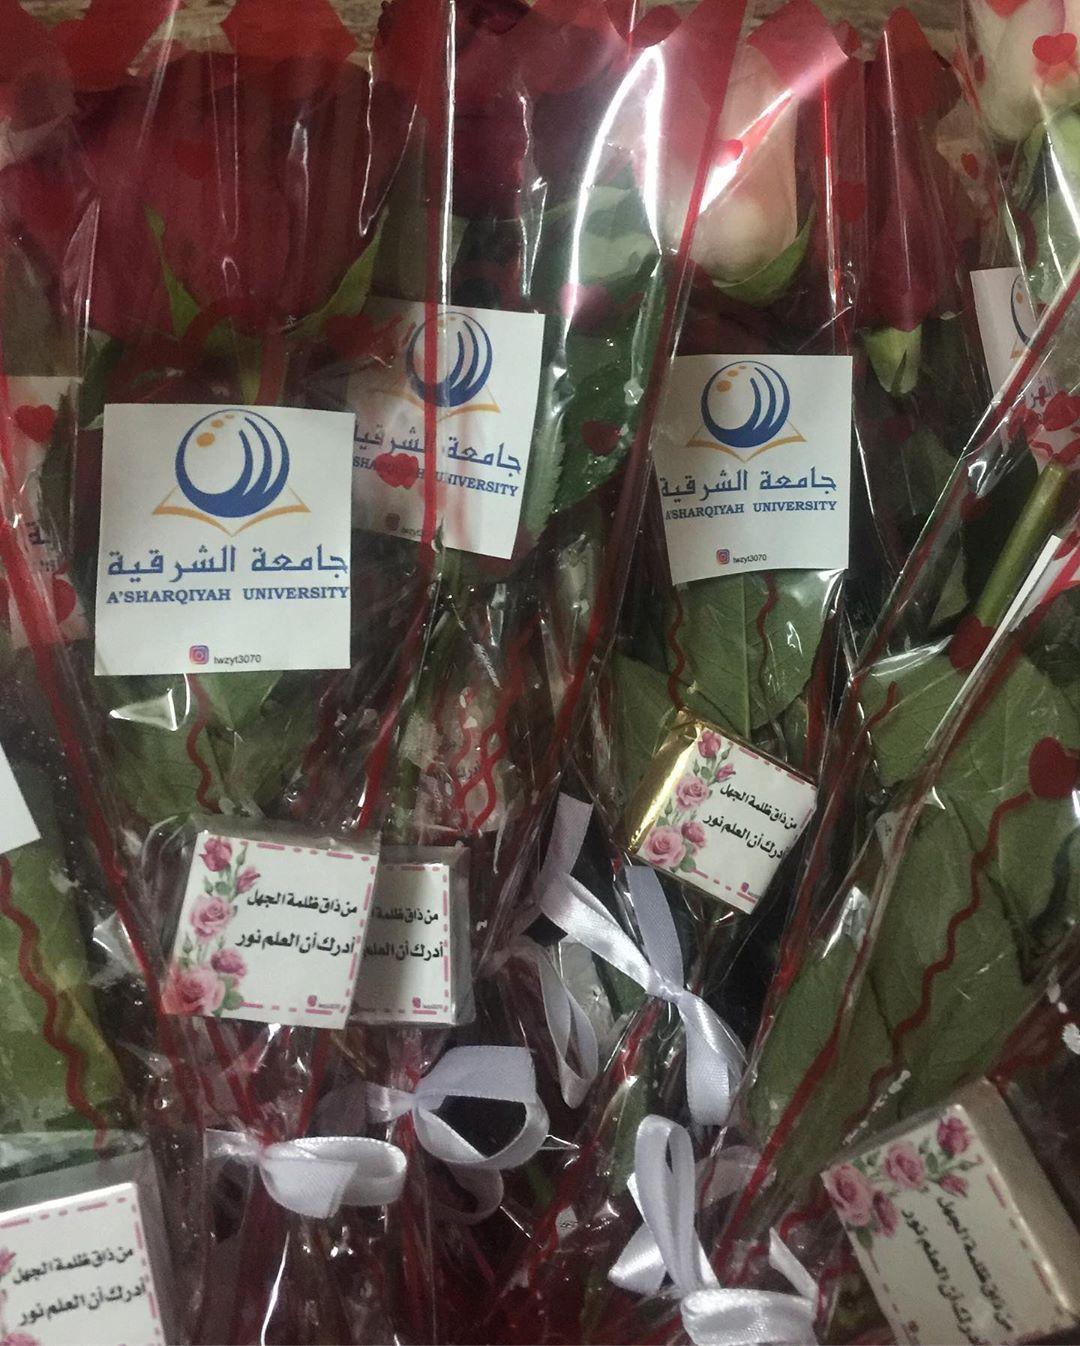 هدايا إستقبال من ذاق ظلمة الجهل أدرك أن العلم نور مصطفى نور الدين University